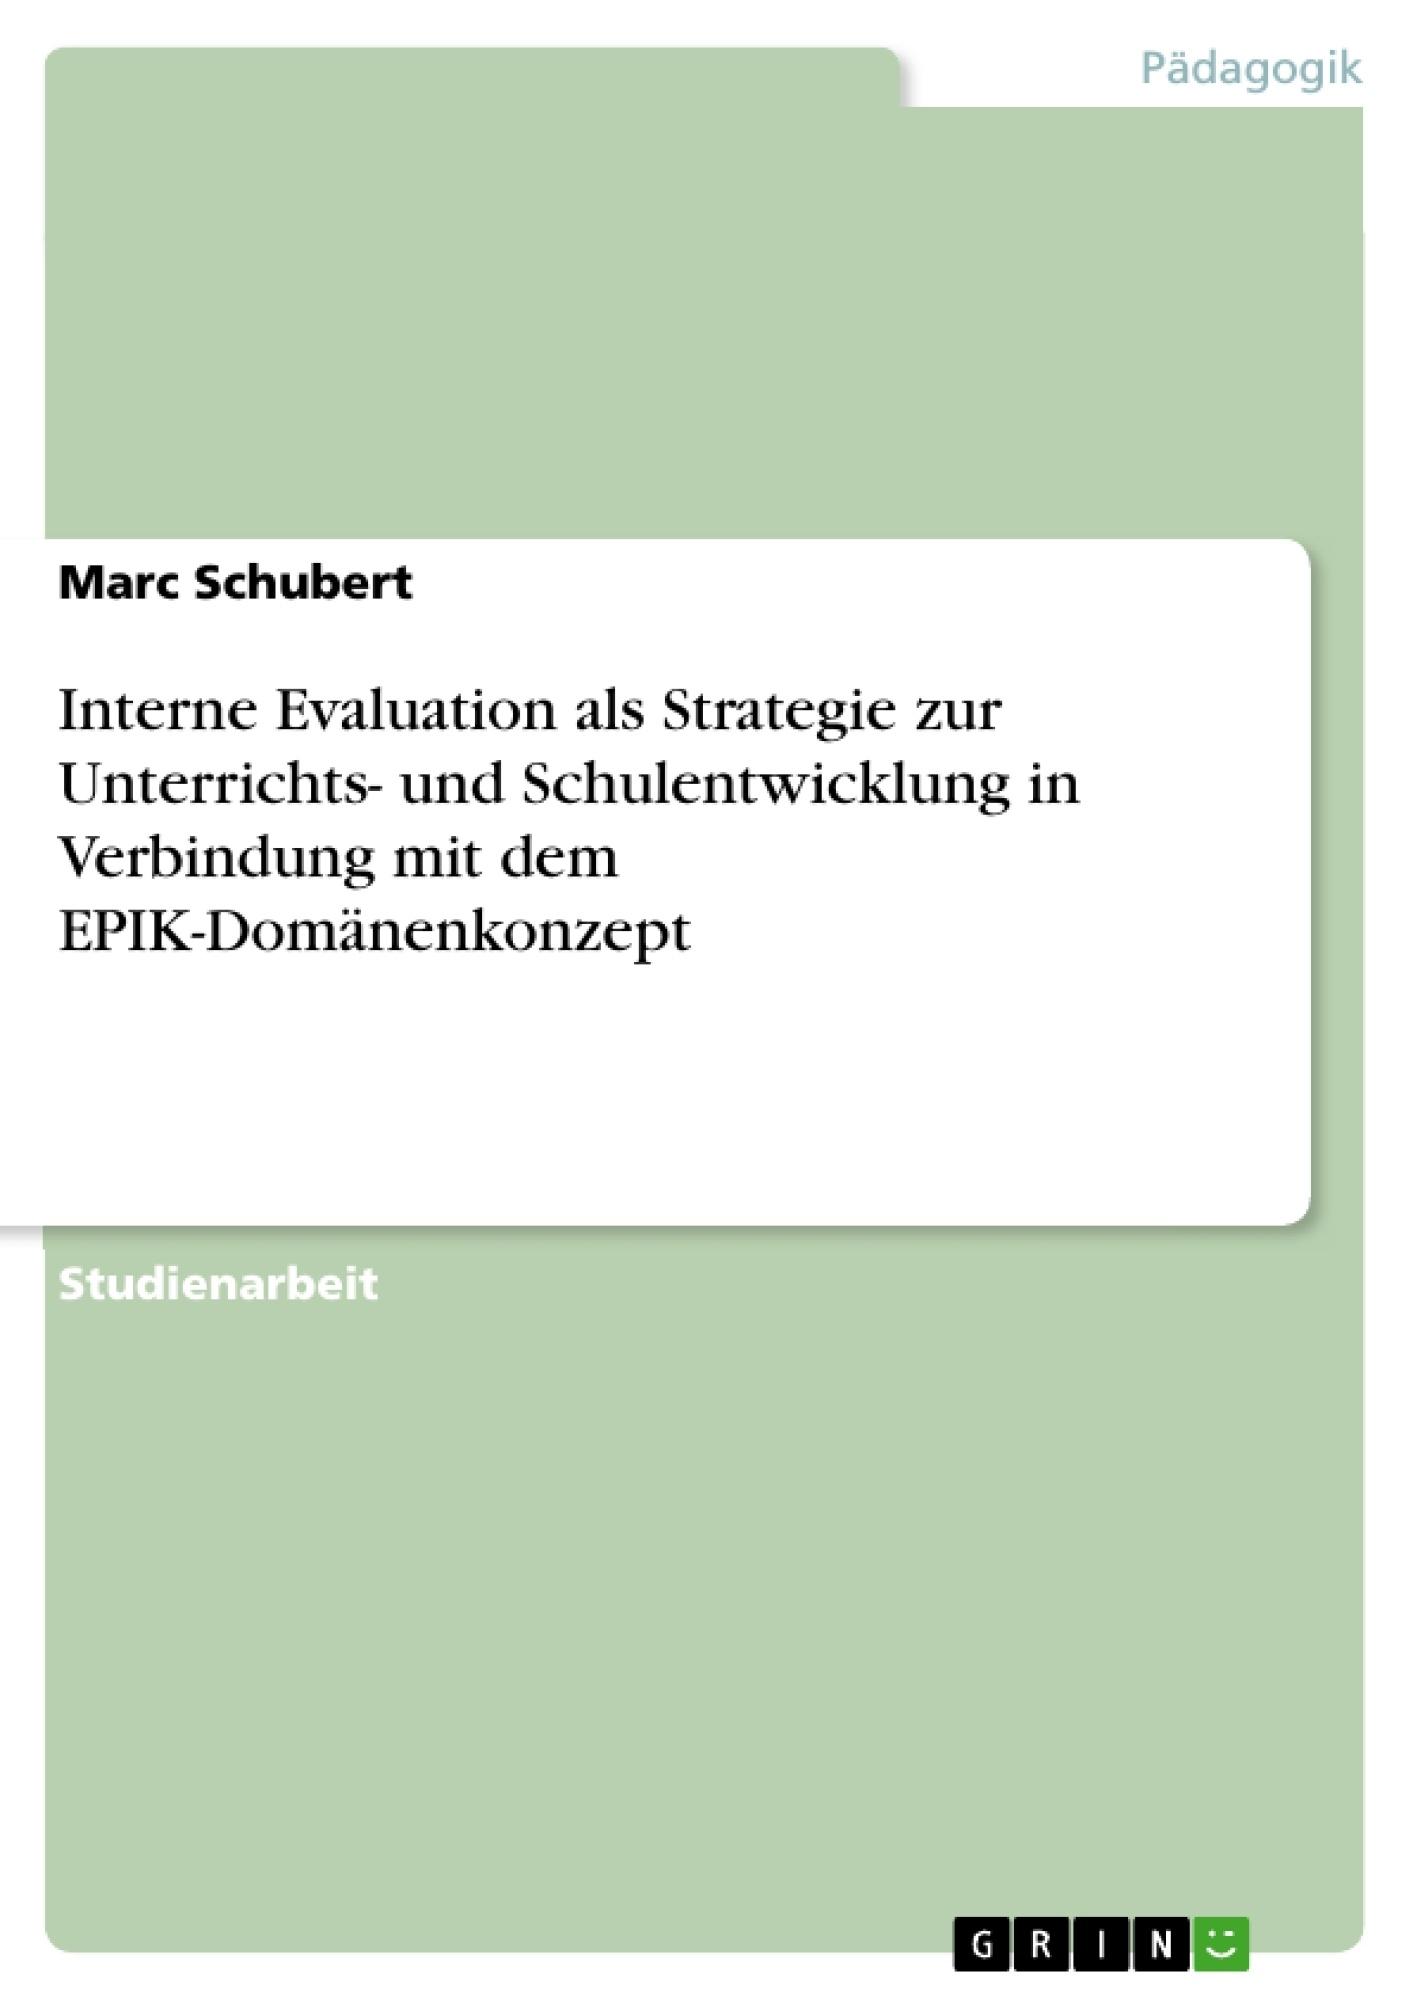 Titel: Interne Evaluation als Strategie  zur Unterrichts- und Schulentwicklung  in Verbindung mit dem EPIK-Domänenkonzept